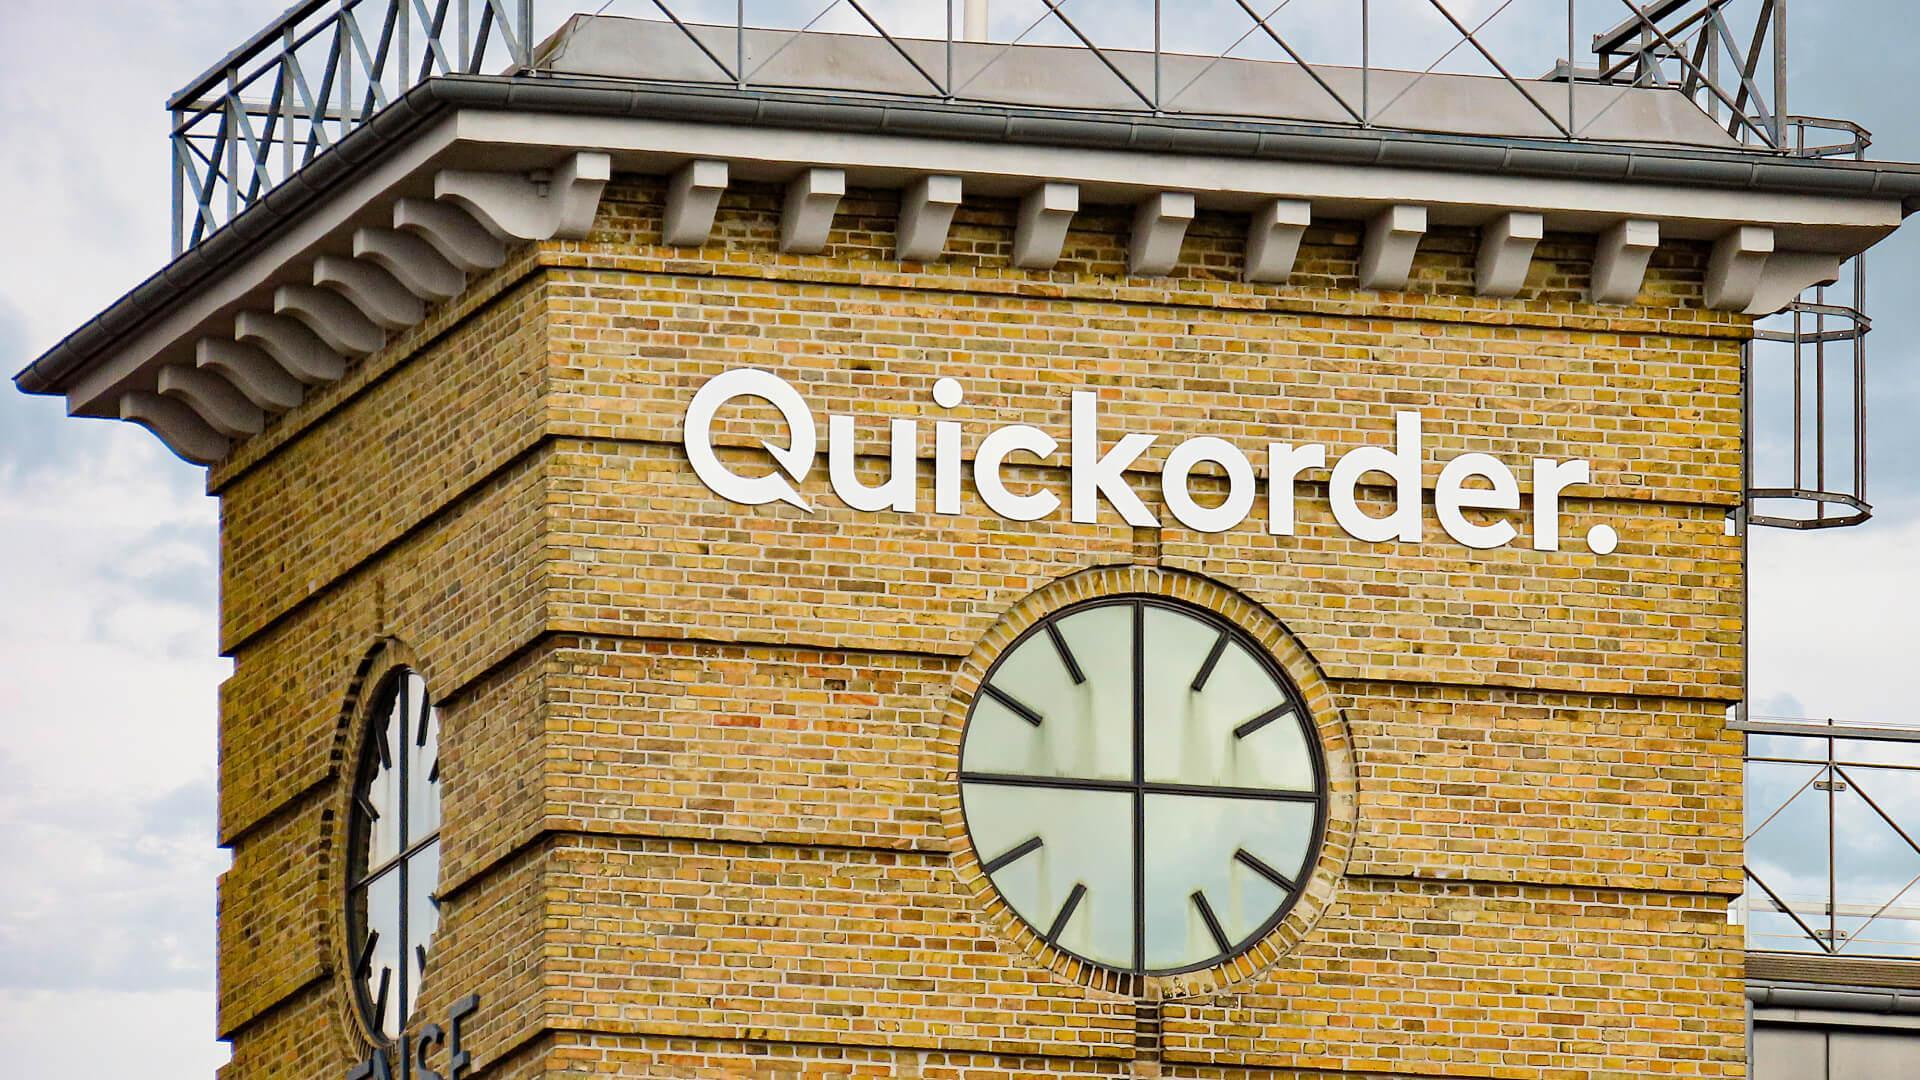 Quickorder